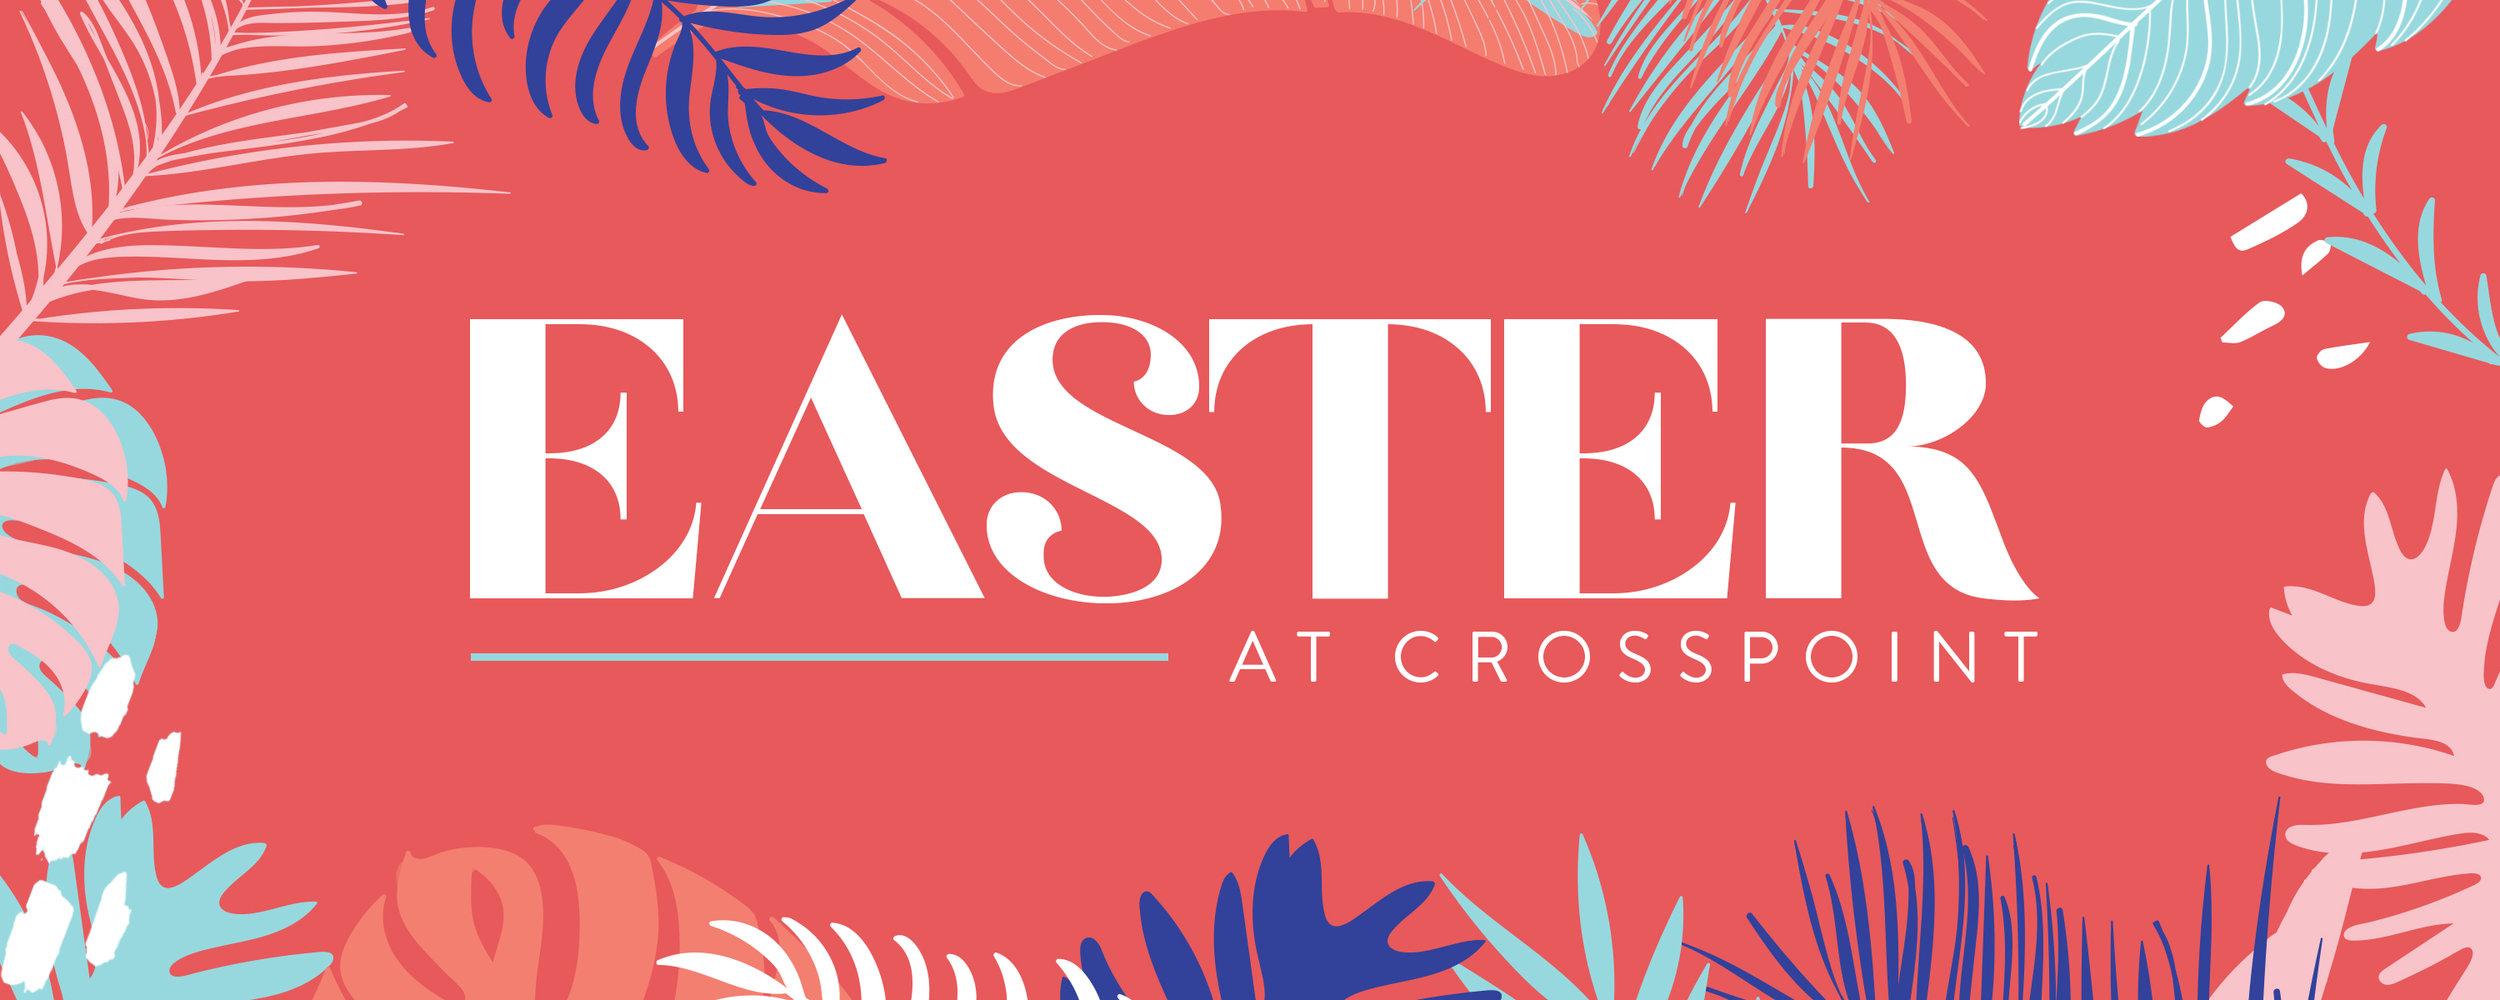 Easter Crosspoint Invite FB.jpg